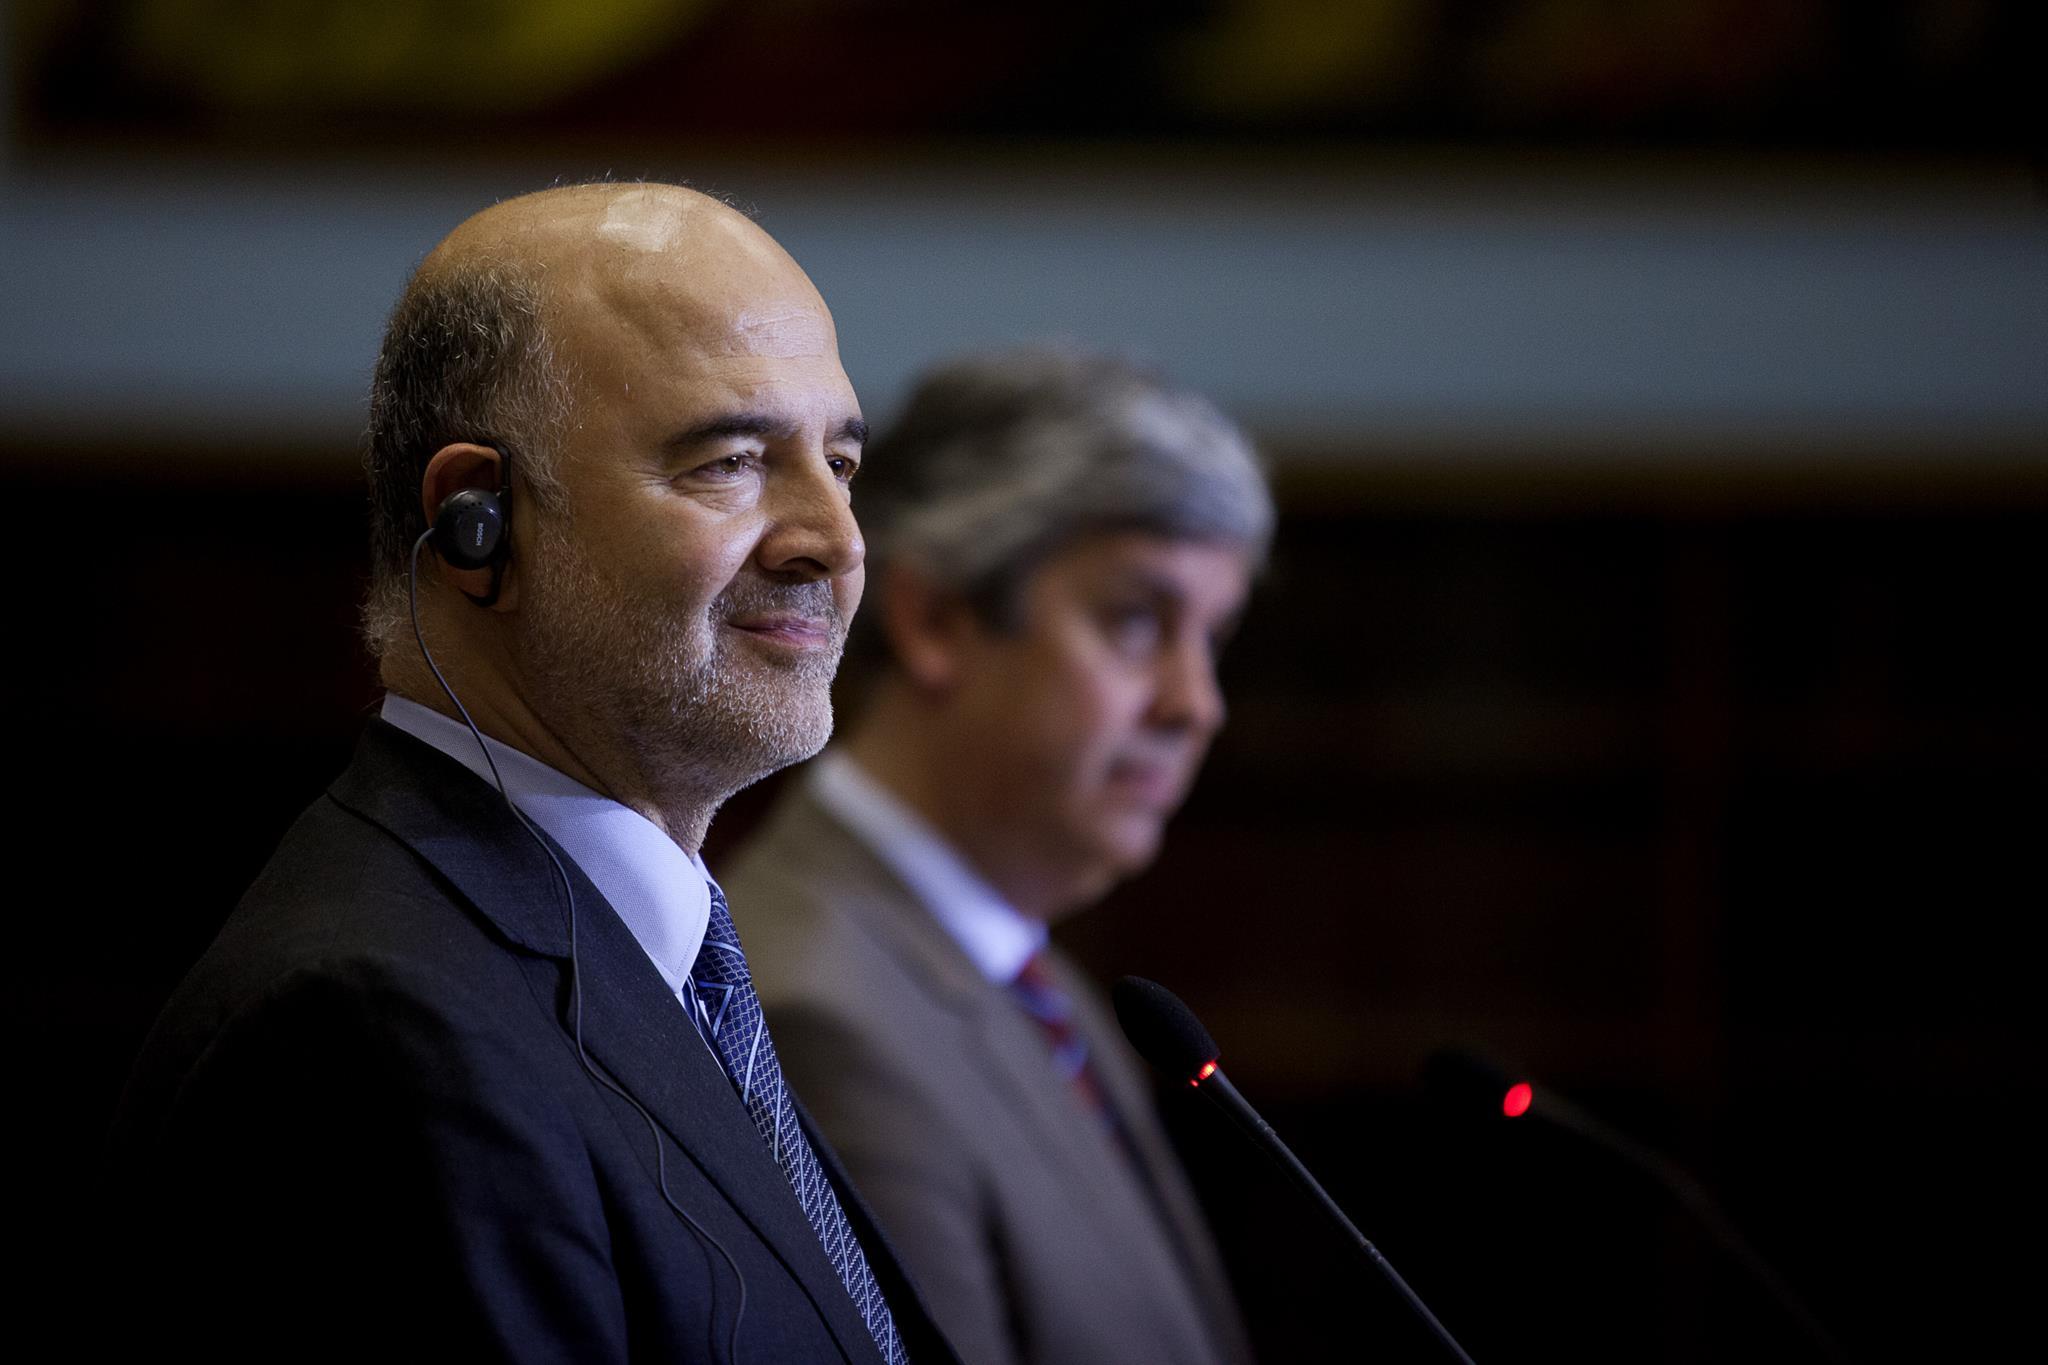 """PÚBLICO - Centeno no Eurogrupo? """"Só na cabeça dos legisladores portugueses"""", diz <i>Politico</i>"""